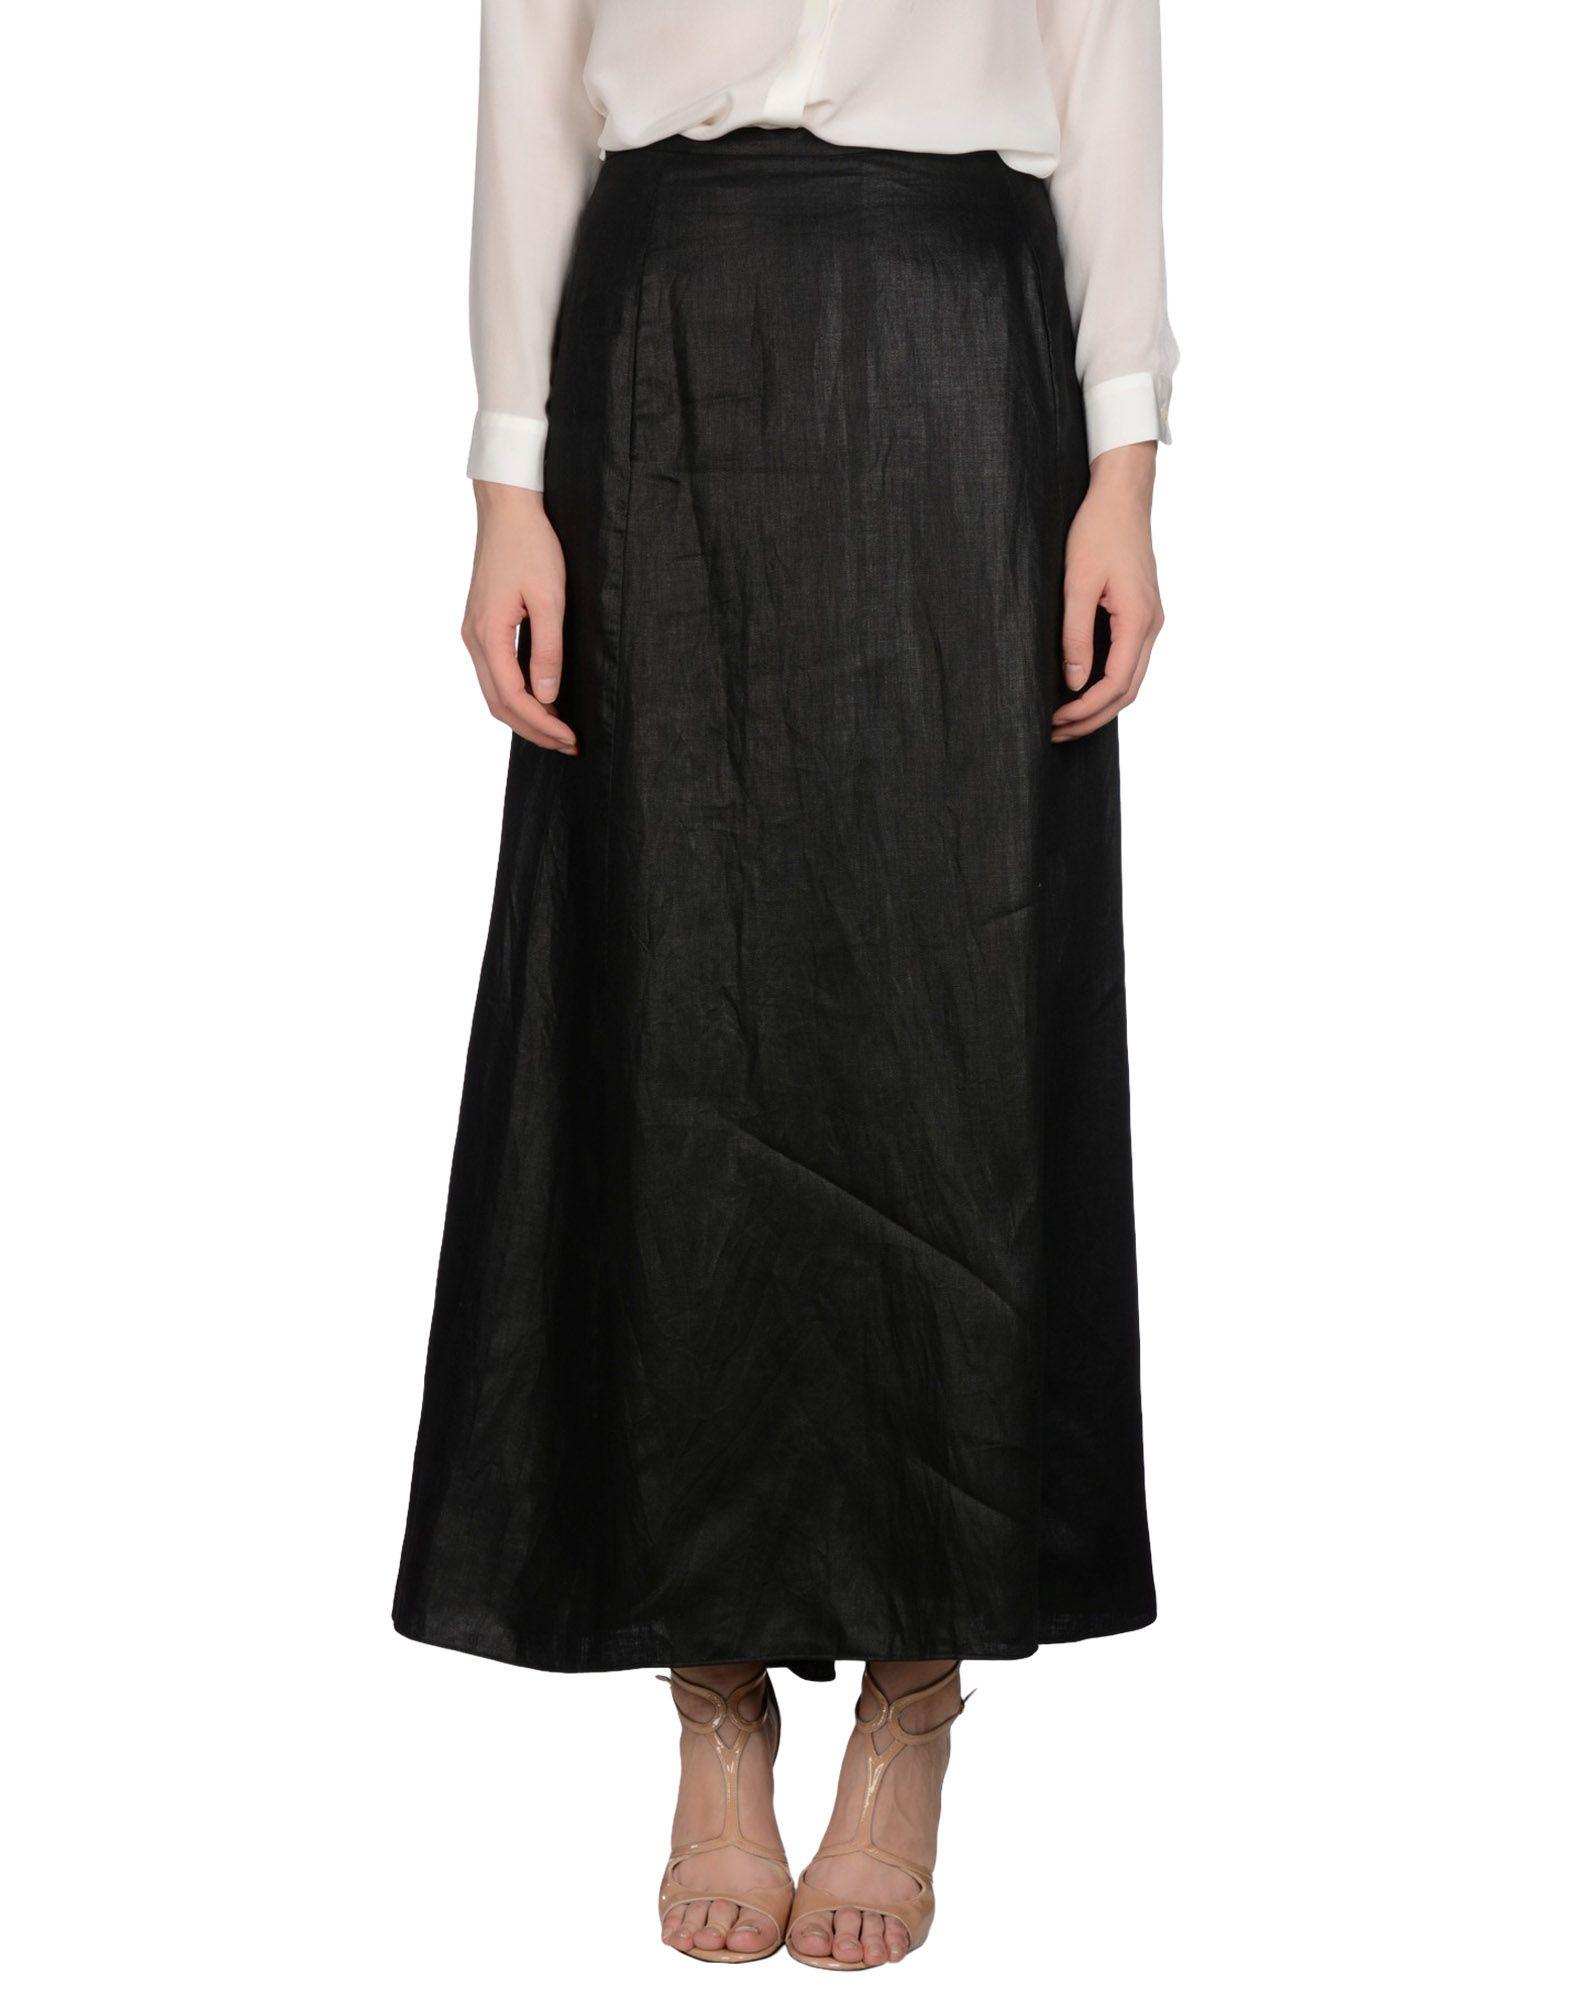 peachoo krejberg короткое платье PEACHOO+KREJBERG Длинная юбка